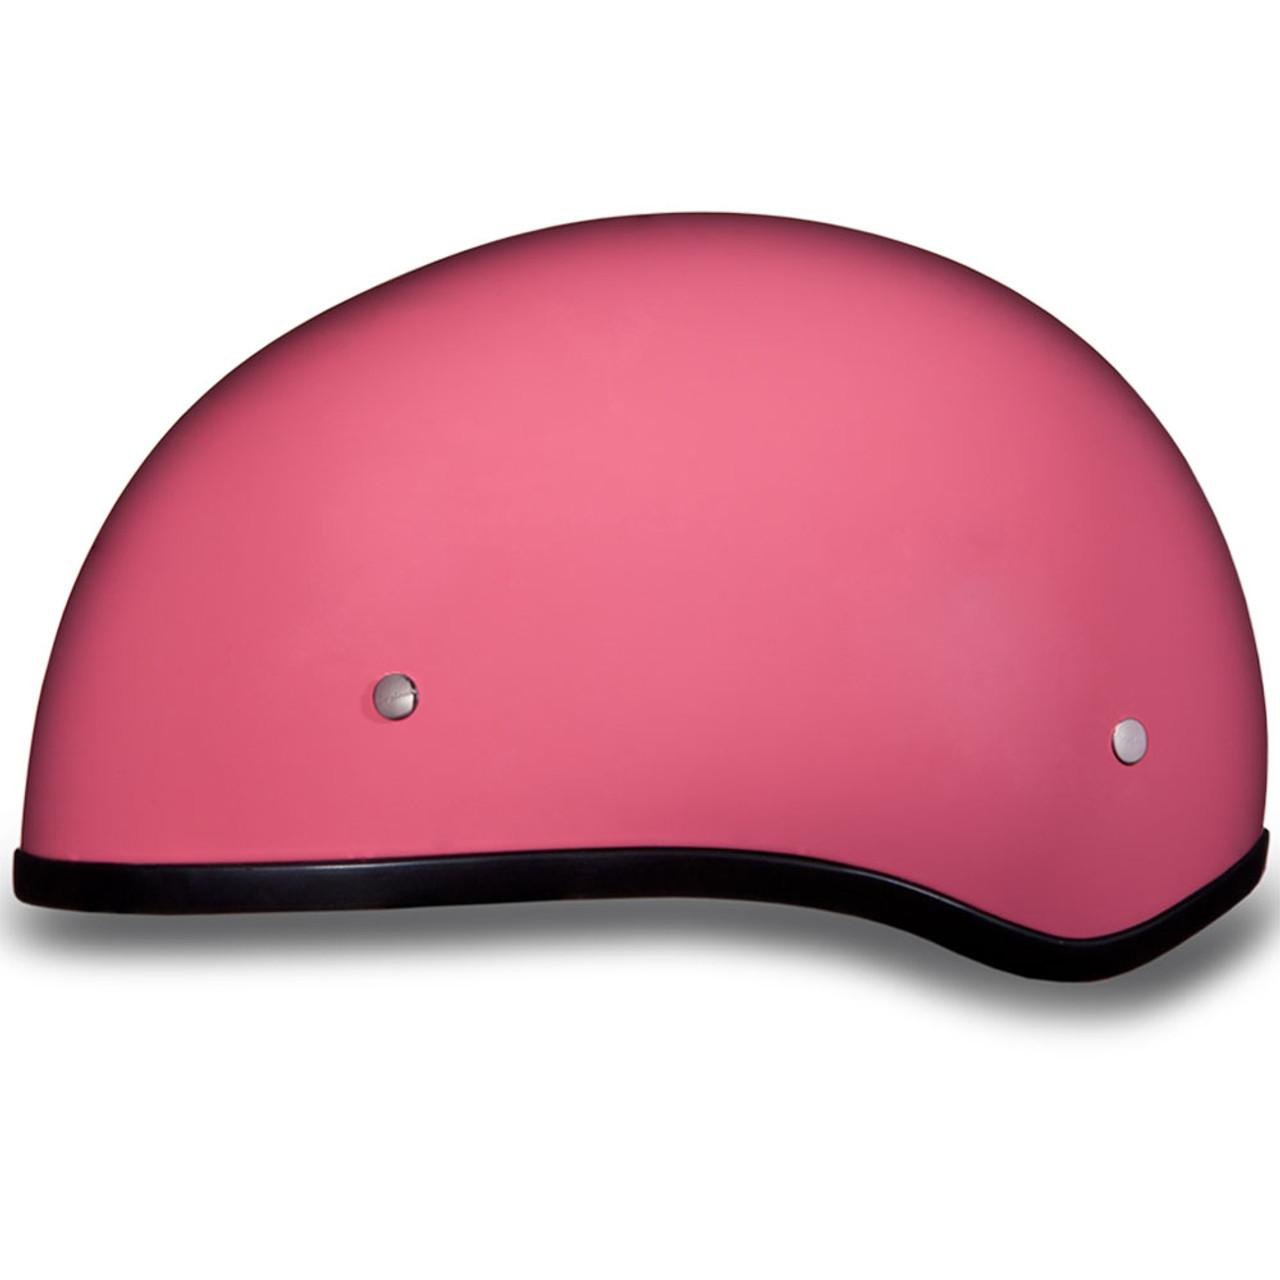 0f9f484fdcd Daytona DOT Gloss Pink Skull Half Shell Motorcycle Helmet - Get ...